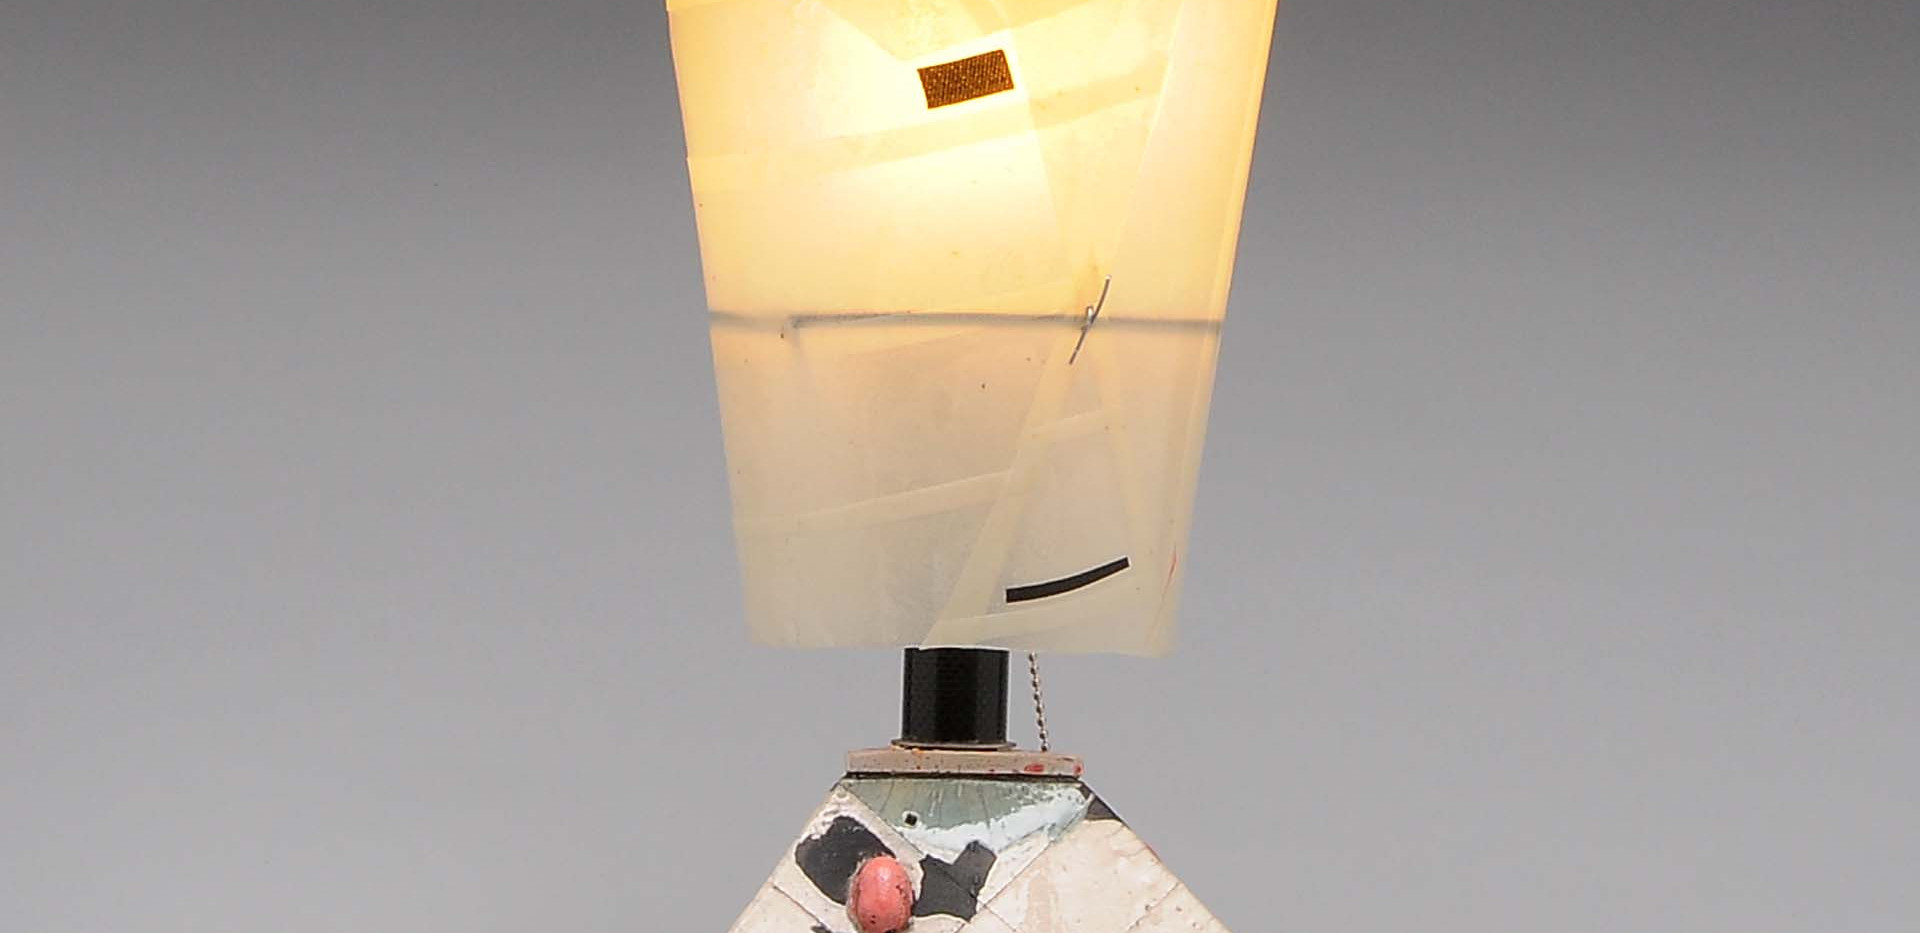 2014lamps.jpg